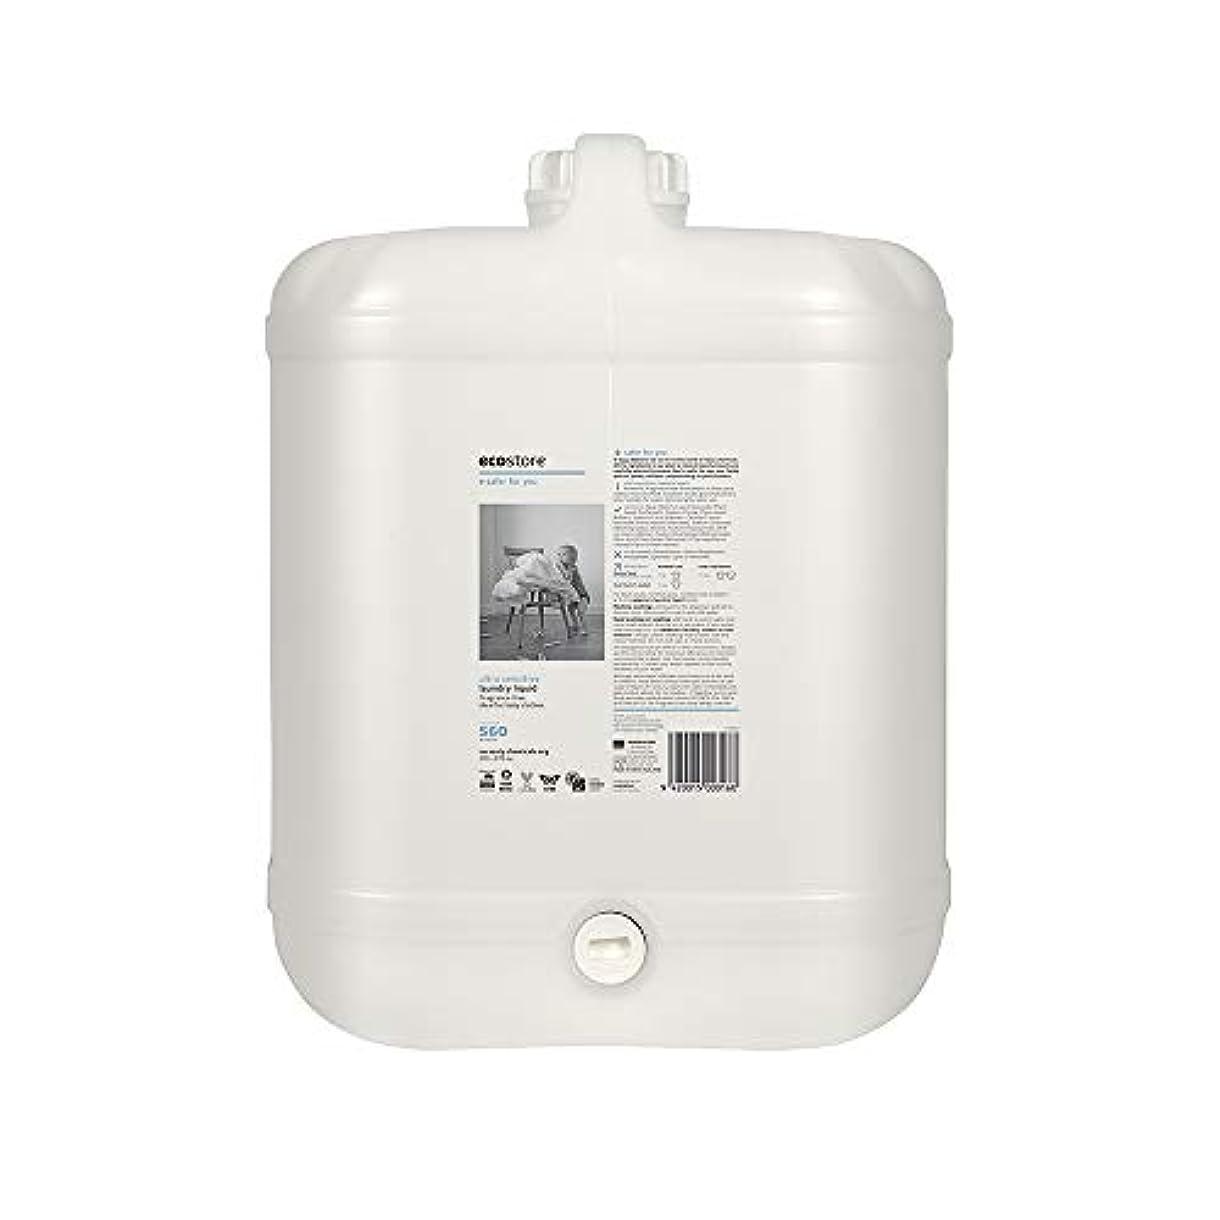 ウガンダ土器純正ecostore(エコストア) ランドリーリキッド <無香料> バルク 20L